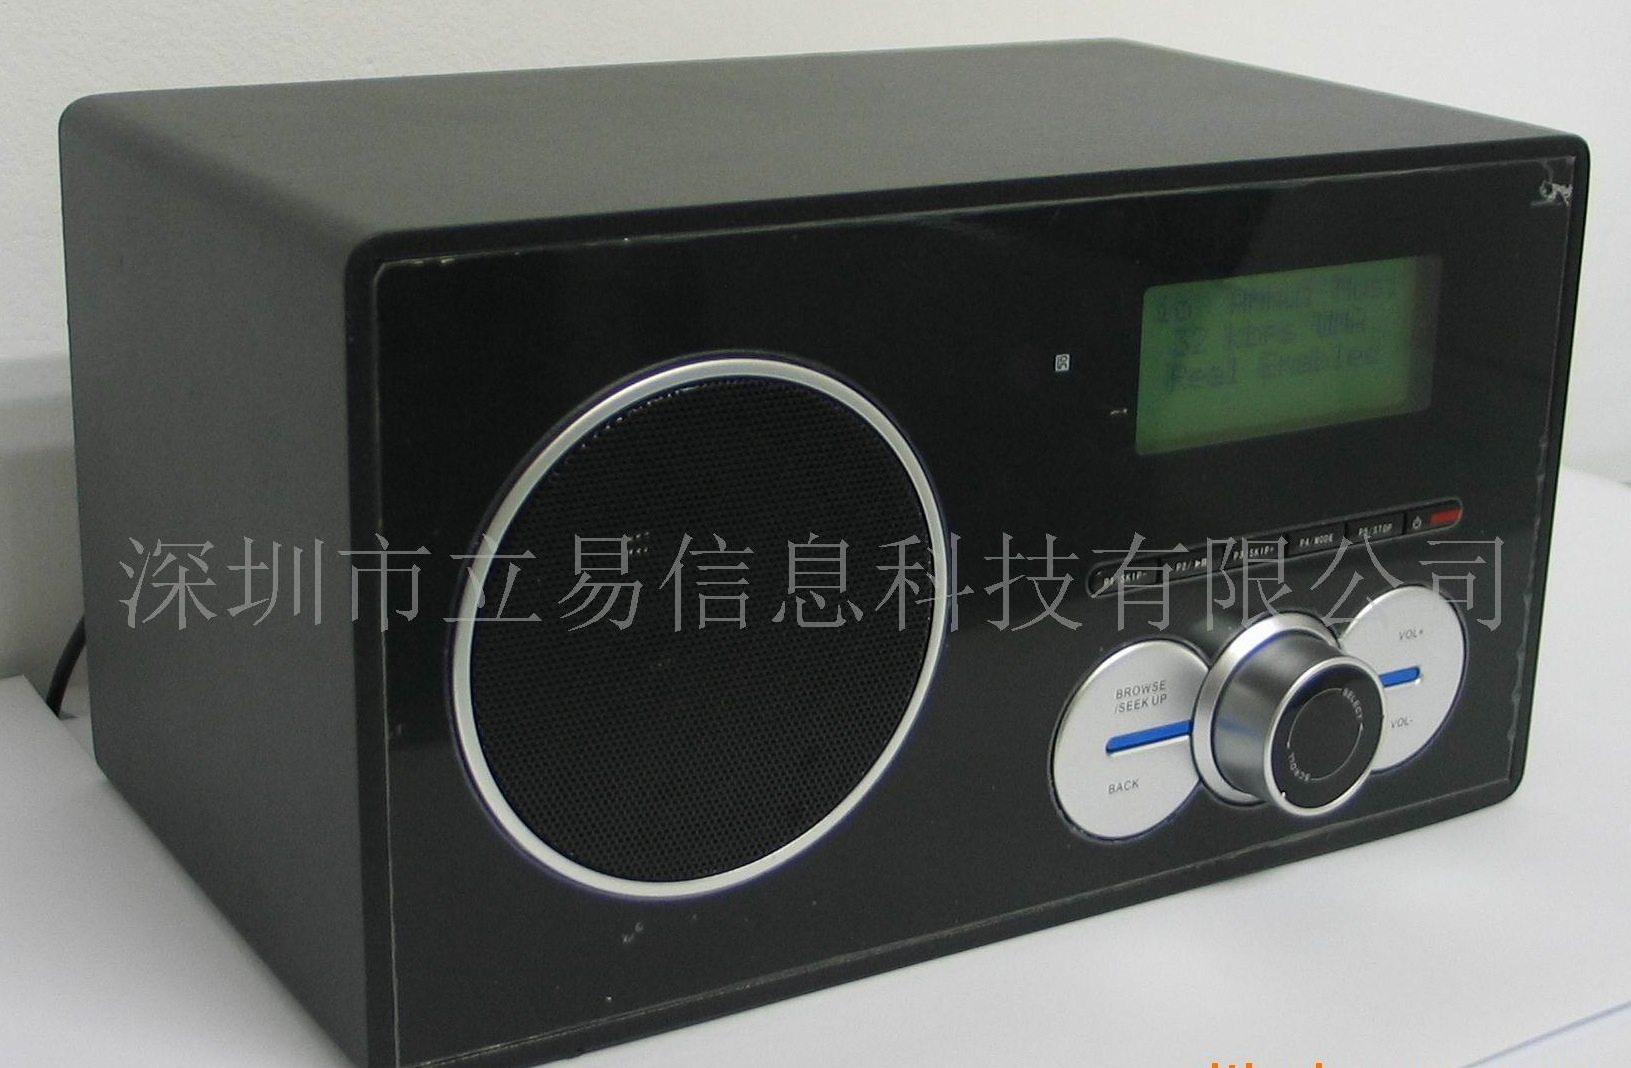 画像1: インターネットラジオ